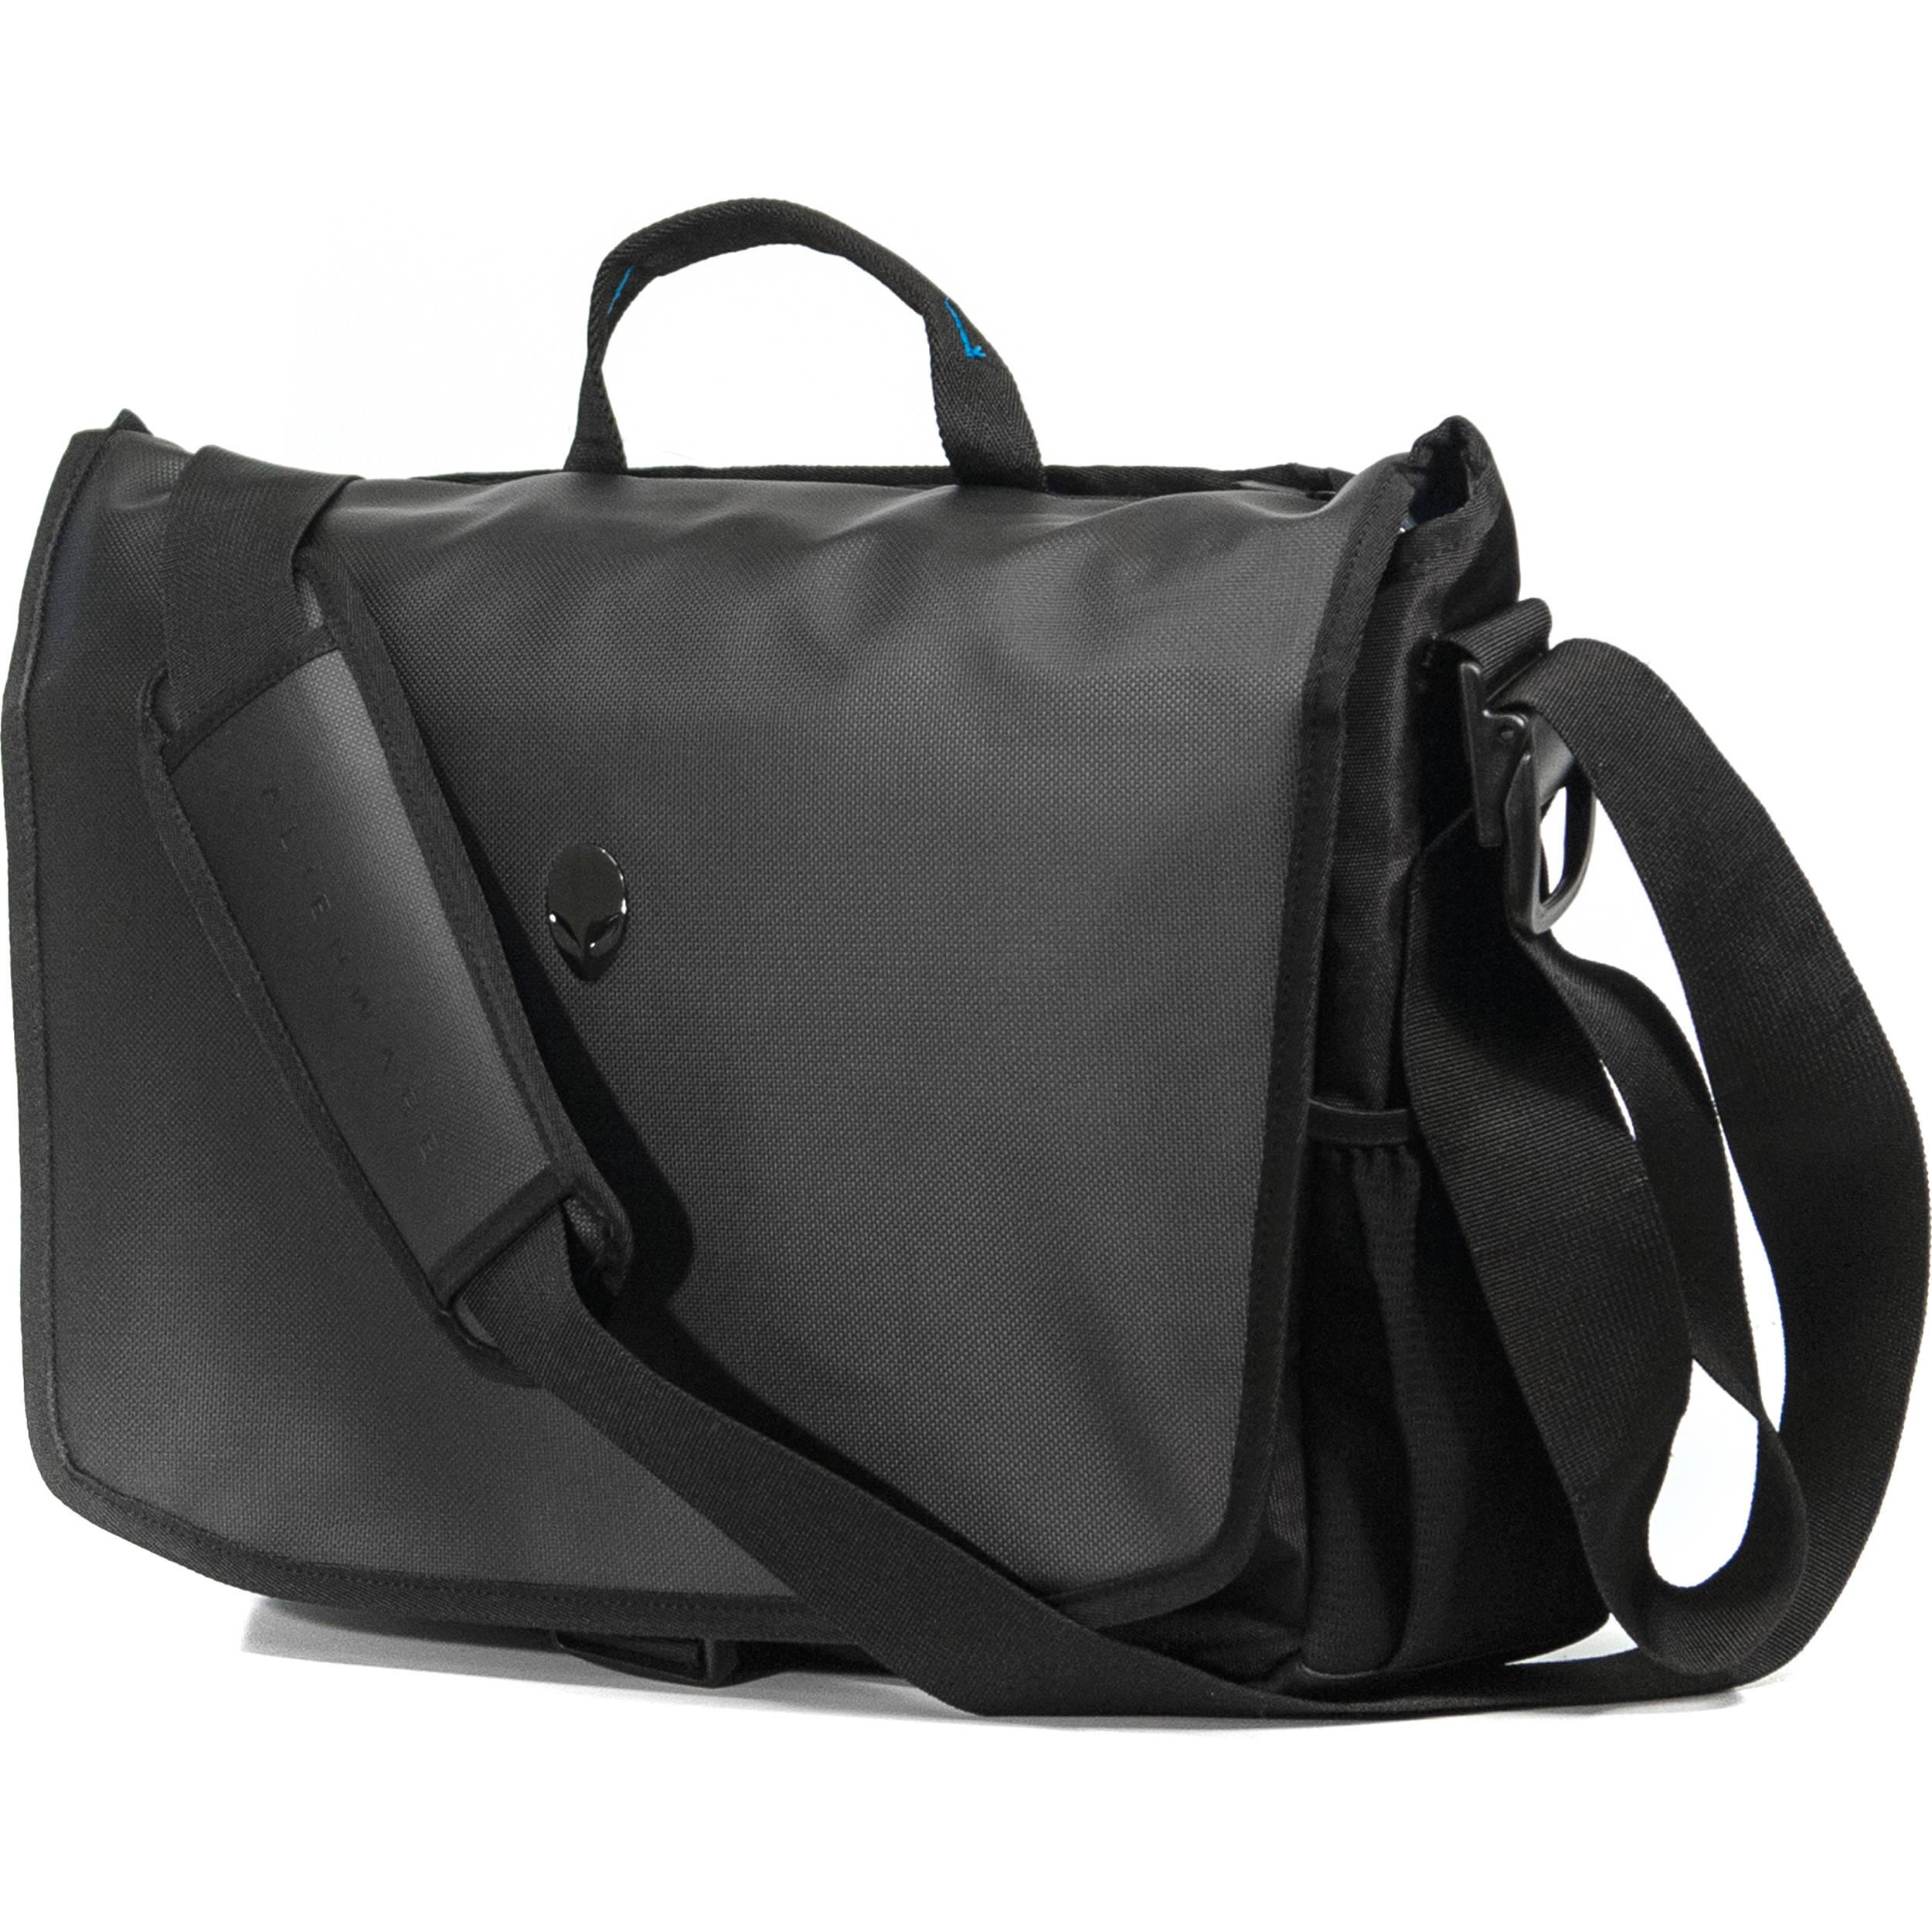 Mobile Edge Messenger Bag For Alienware Vindicator 2 0 13 To 17 3 R3 Black